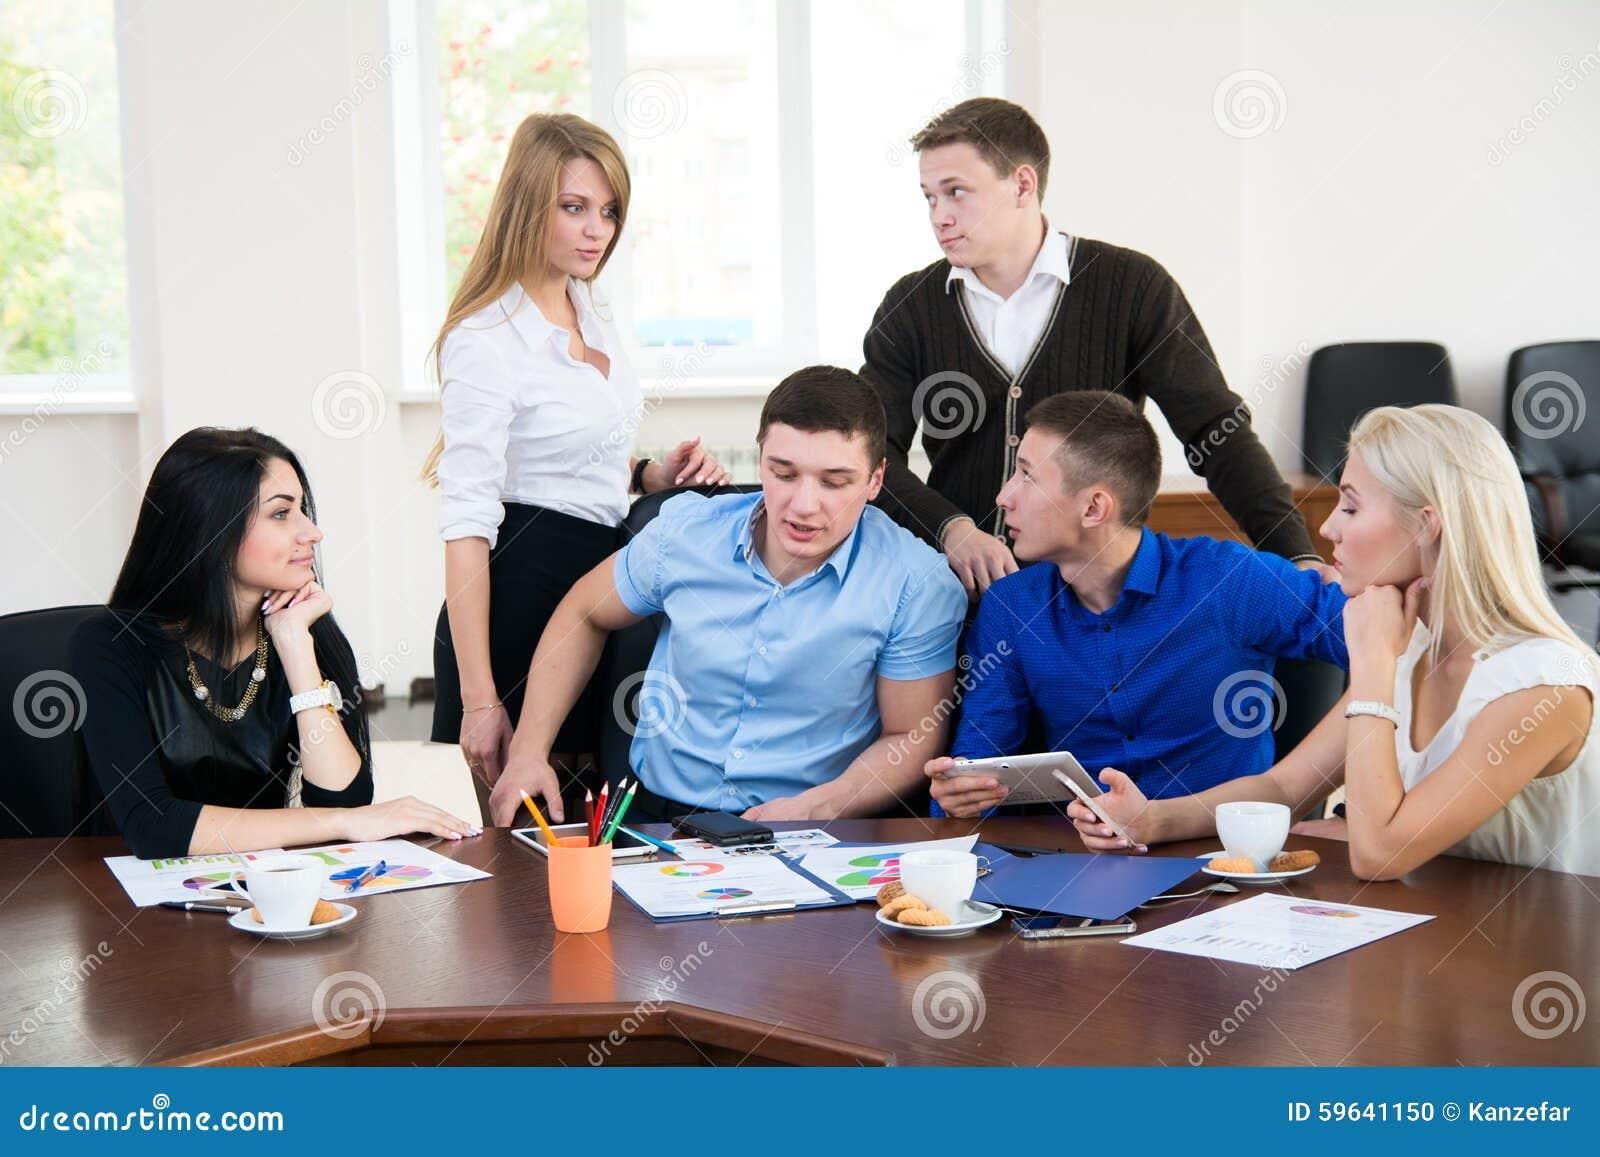 jeunes entrepreneurs lors d 39 une r union d 39 affaires dans le bureau photo stock image 59641150. Black Bedroom Furniture Sets. Home Design Ideas